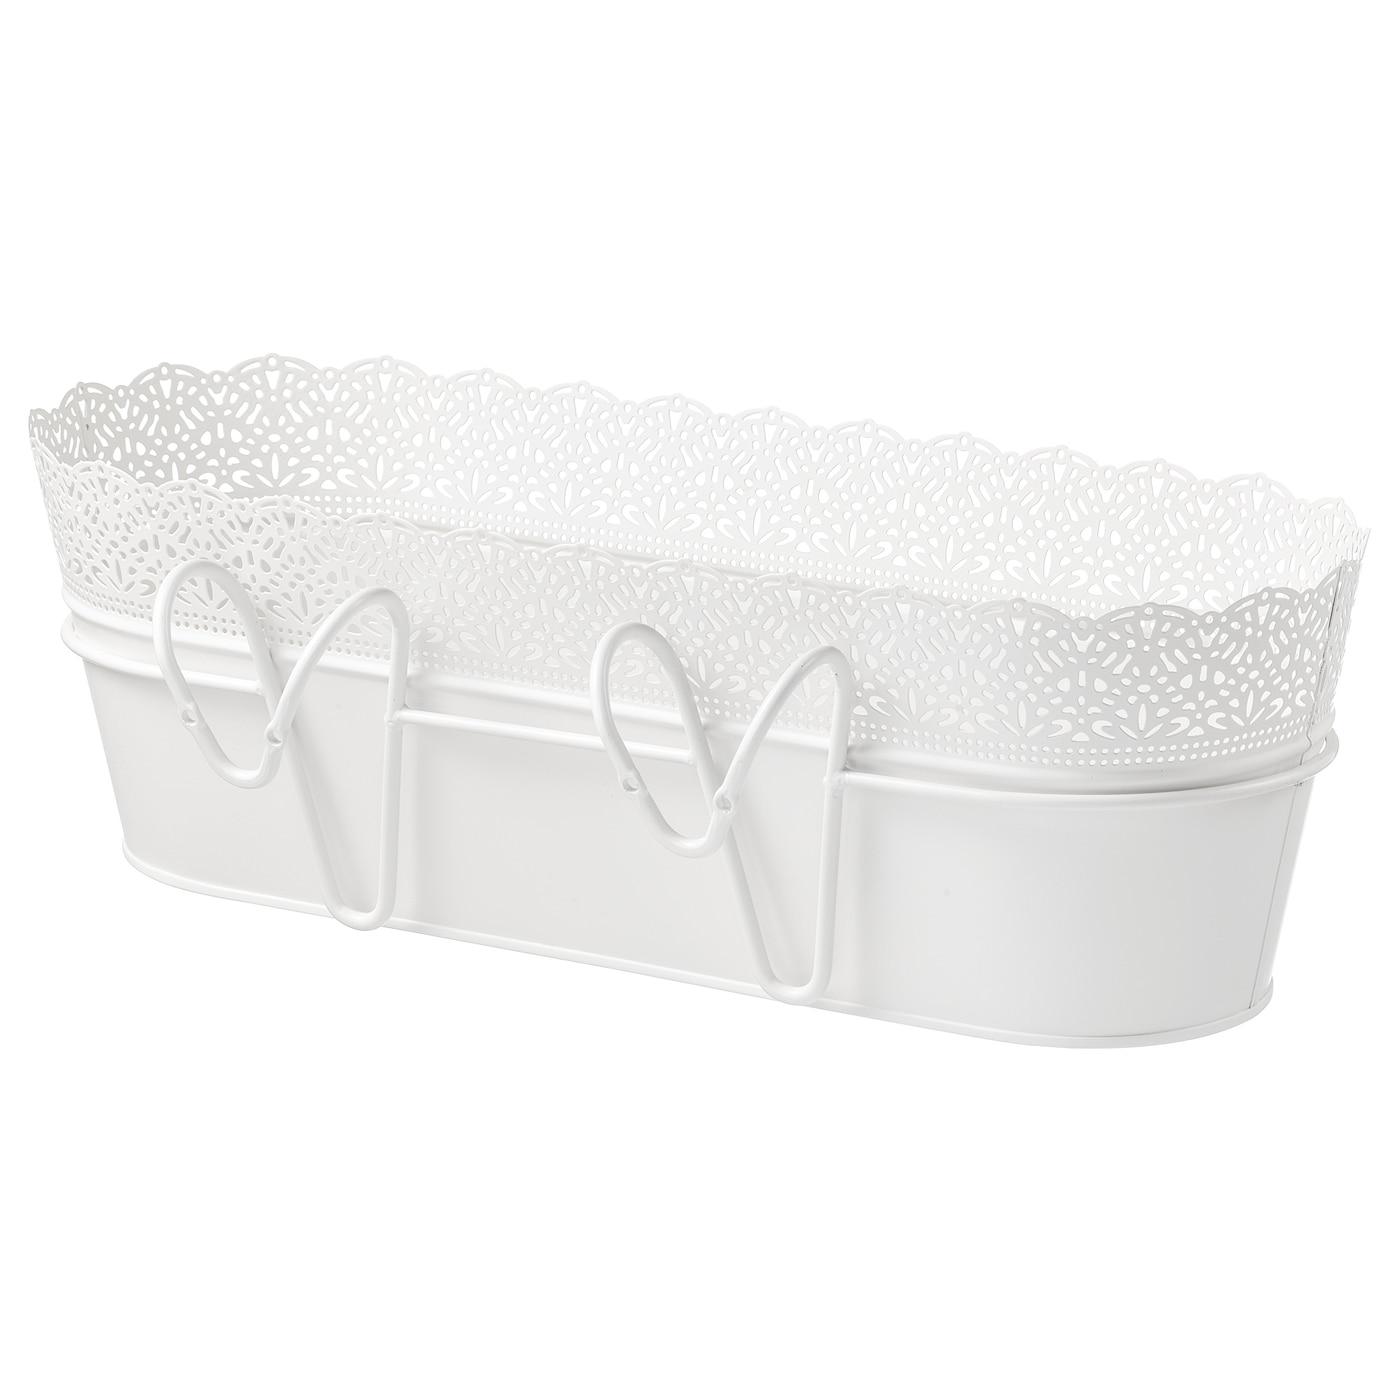 IKEA SKURAR bloembak met houder